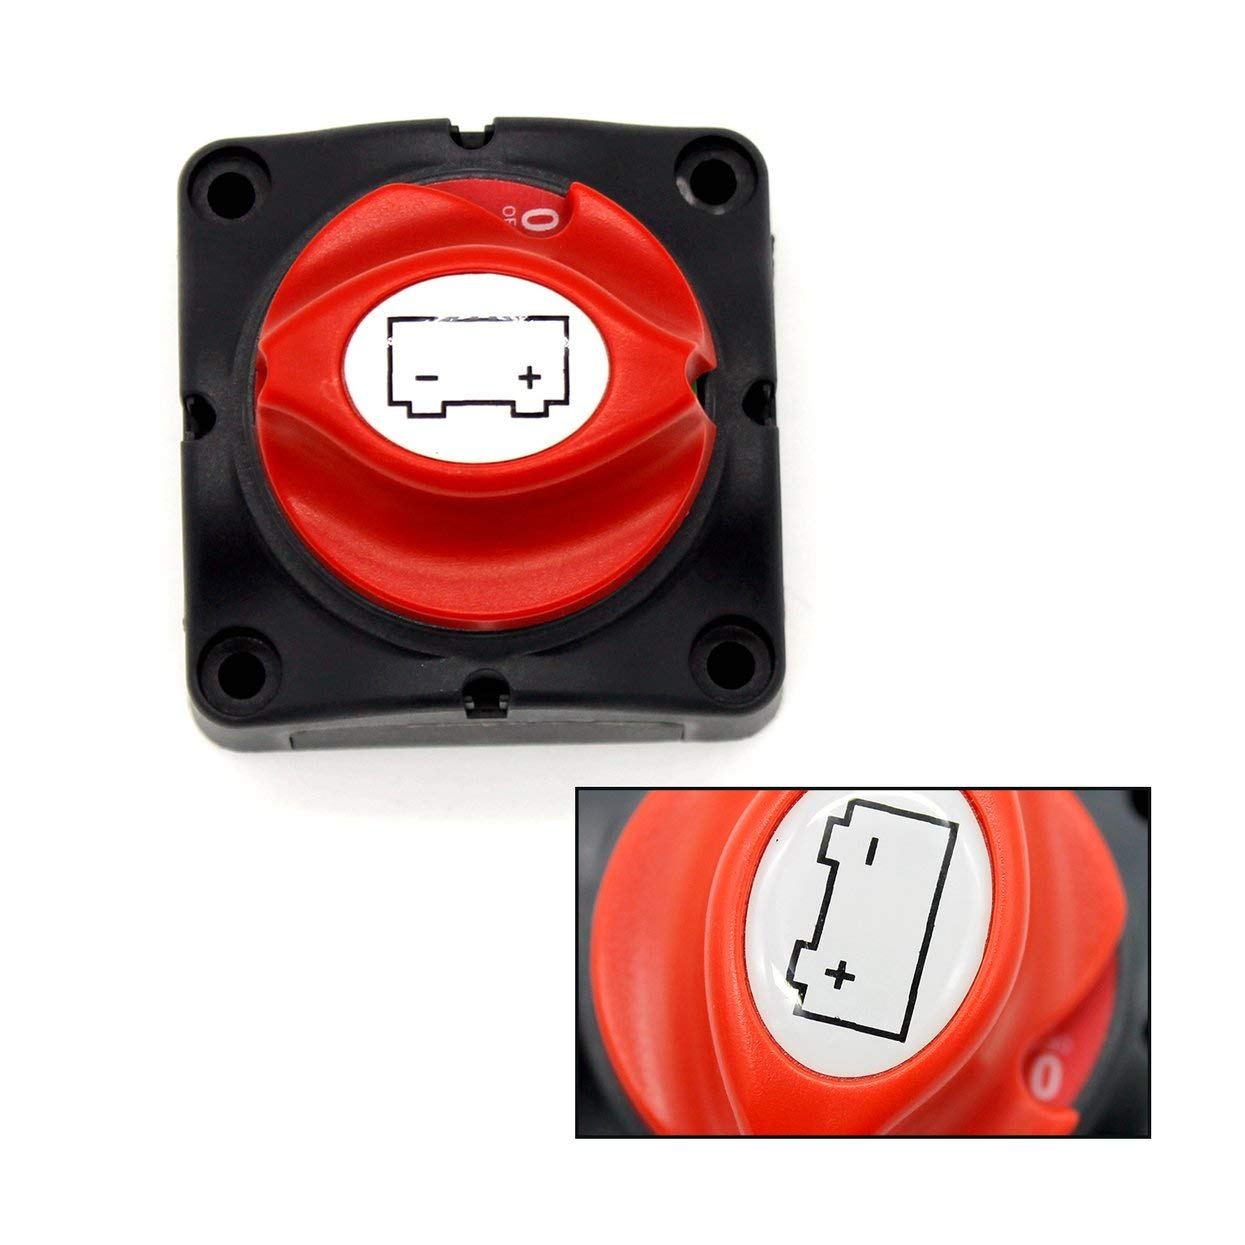 Interruttore automatico di alimentazione della batteria con corrente nominale pari a 600A Alimentazione a batteria Manopola di protezione Interruttore staccabatteria per auto